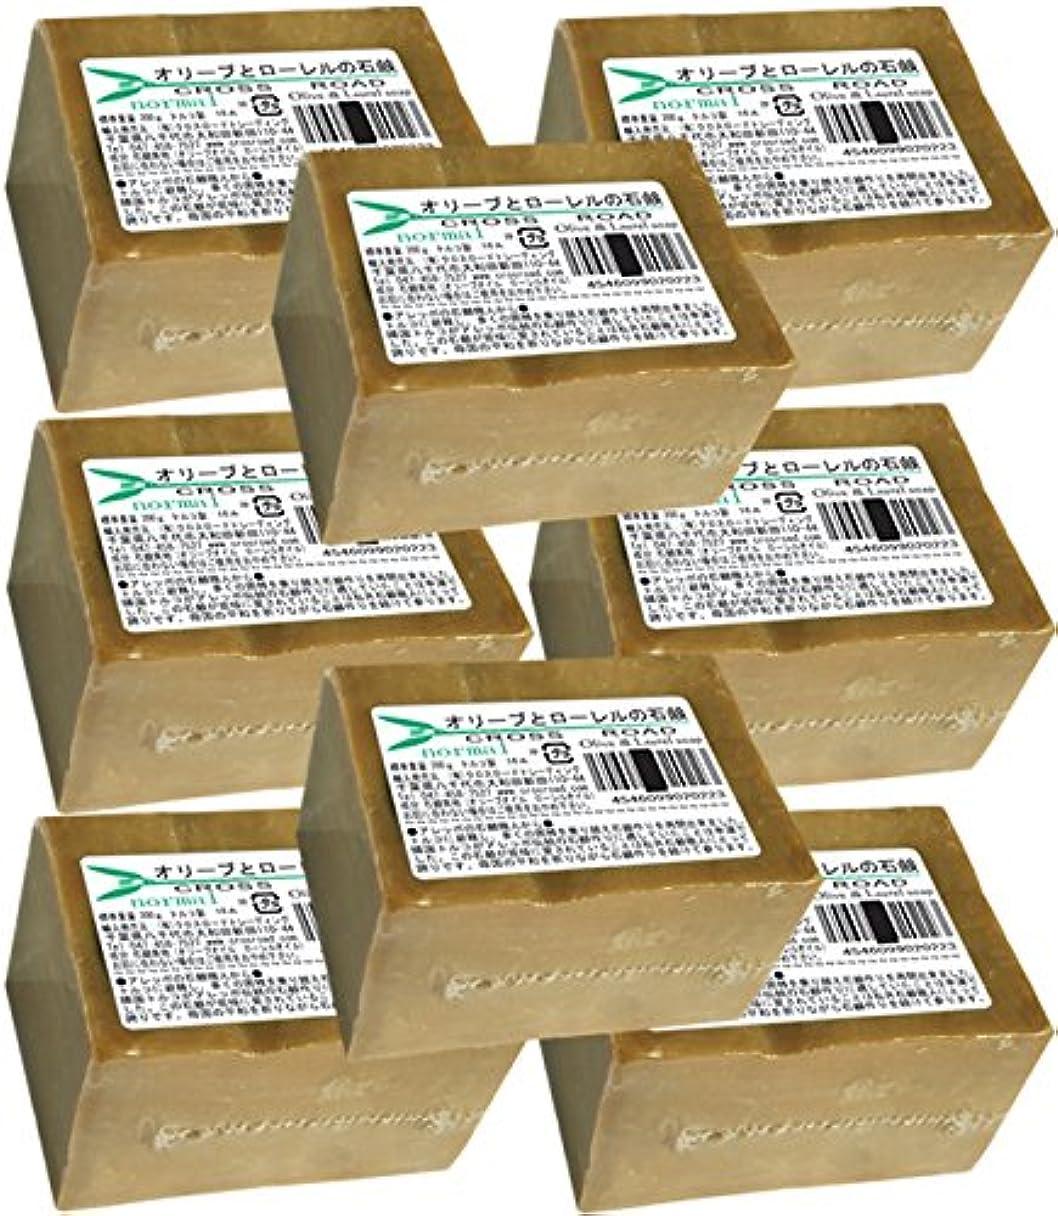 パーク膿瘍きゅうりオリーブとローレルの石鹸(ノーマル)8個セット[並行輸入品]